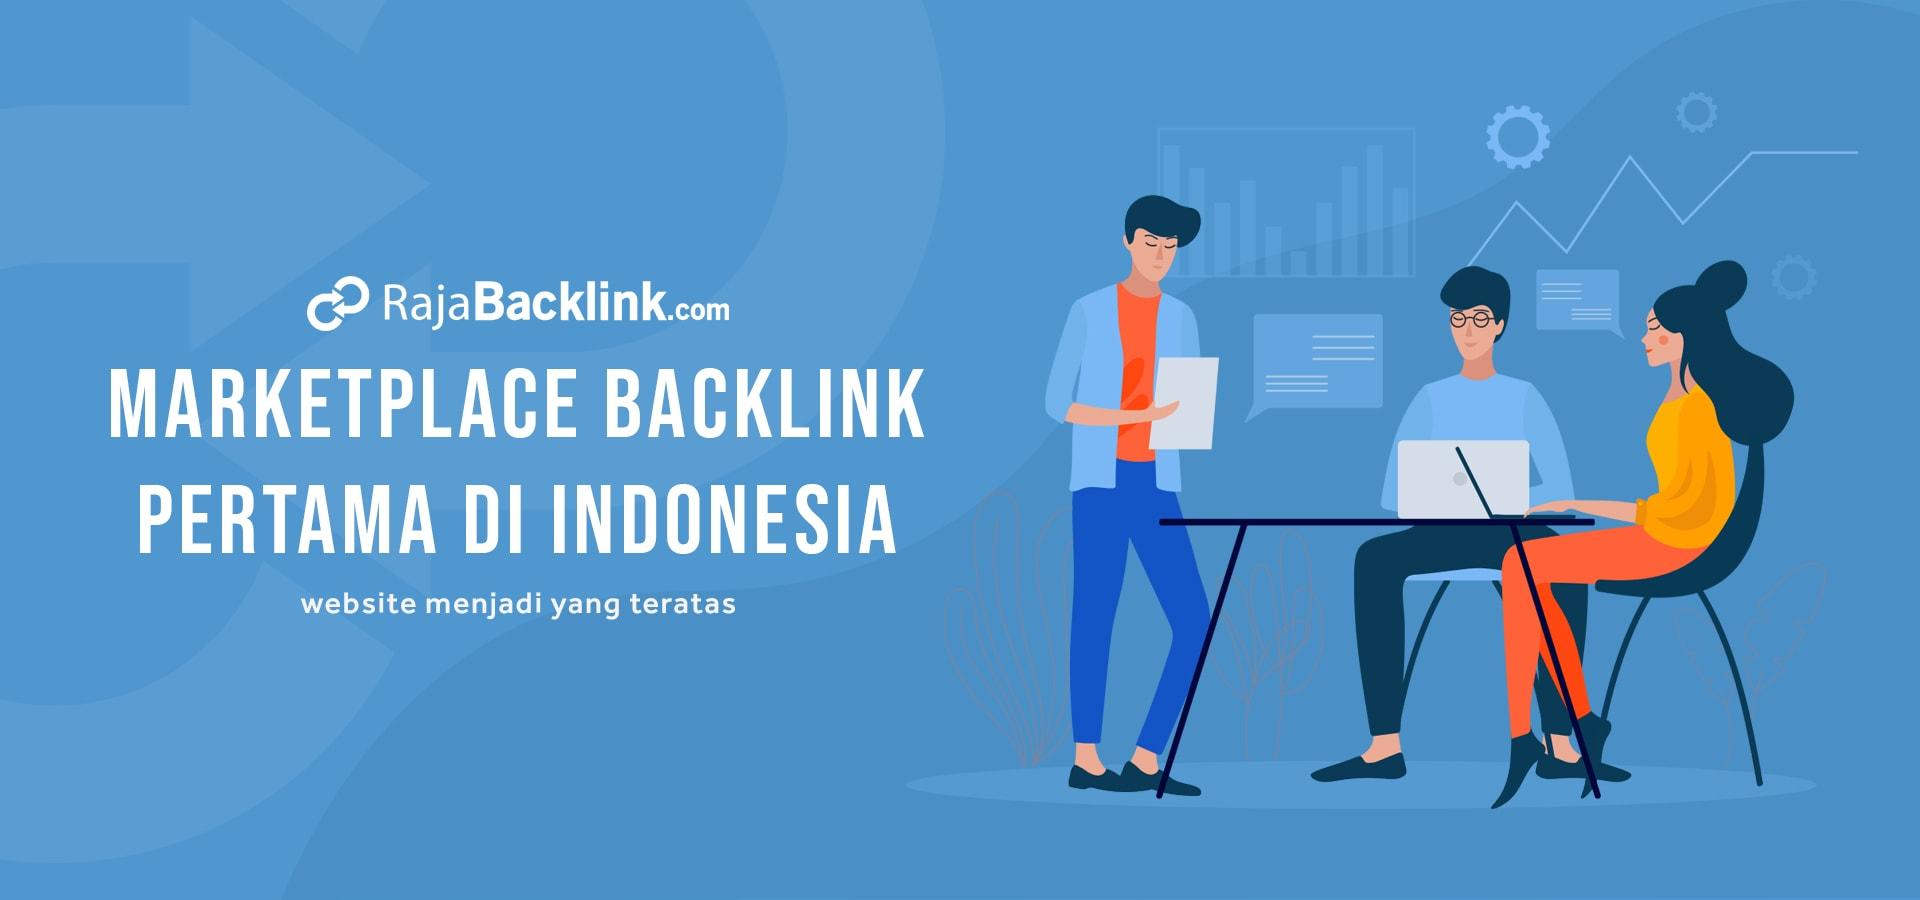 Cara Mendapatkan Backlink Murah Berkualitas